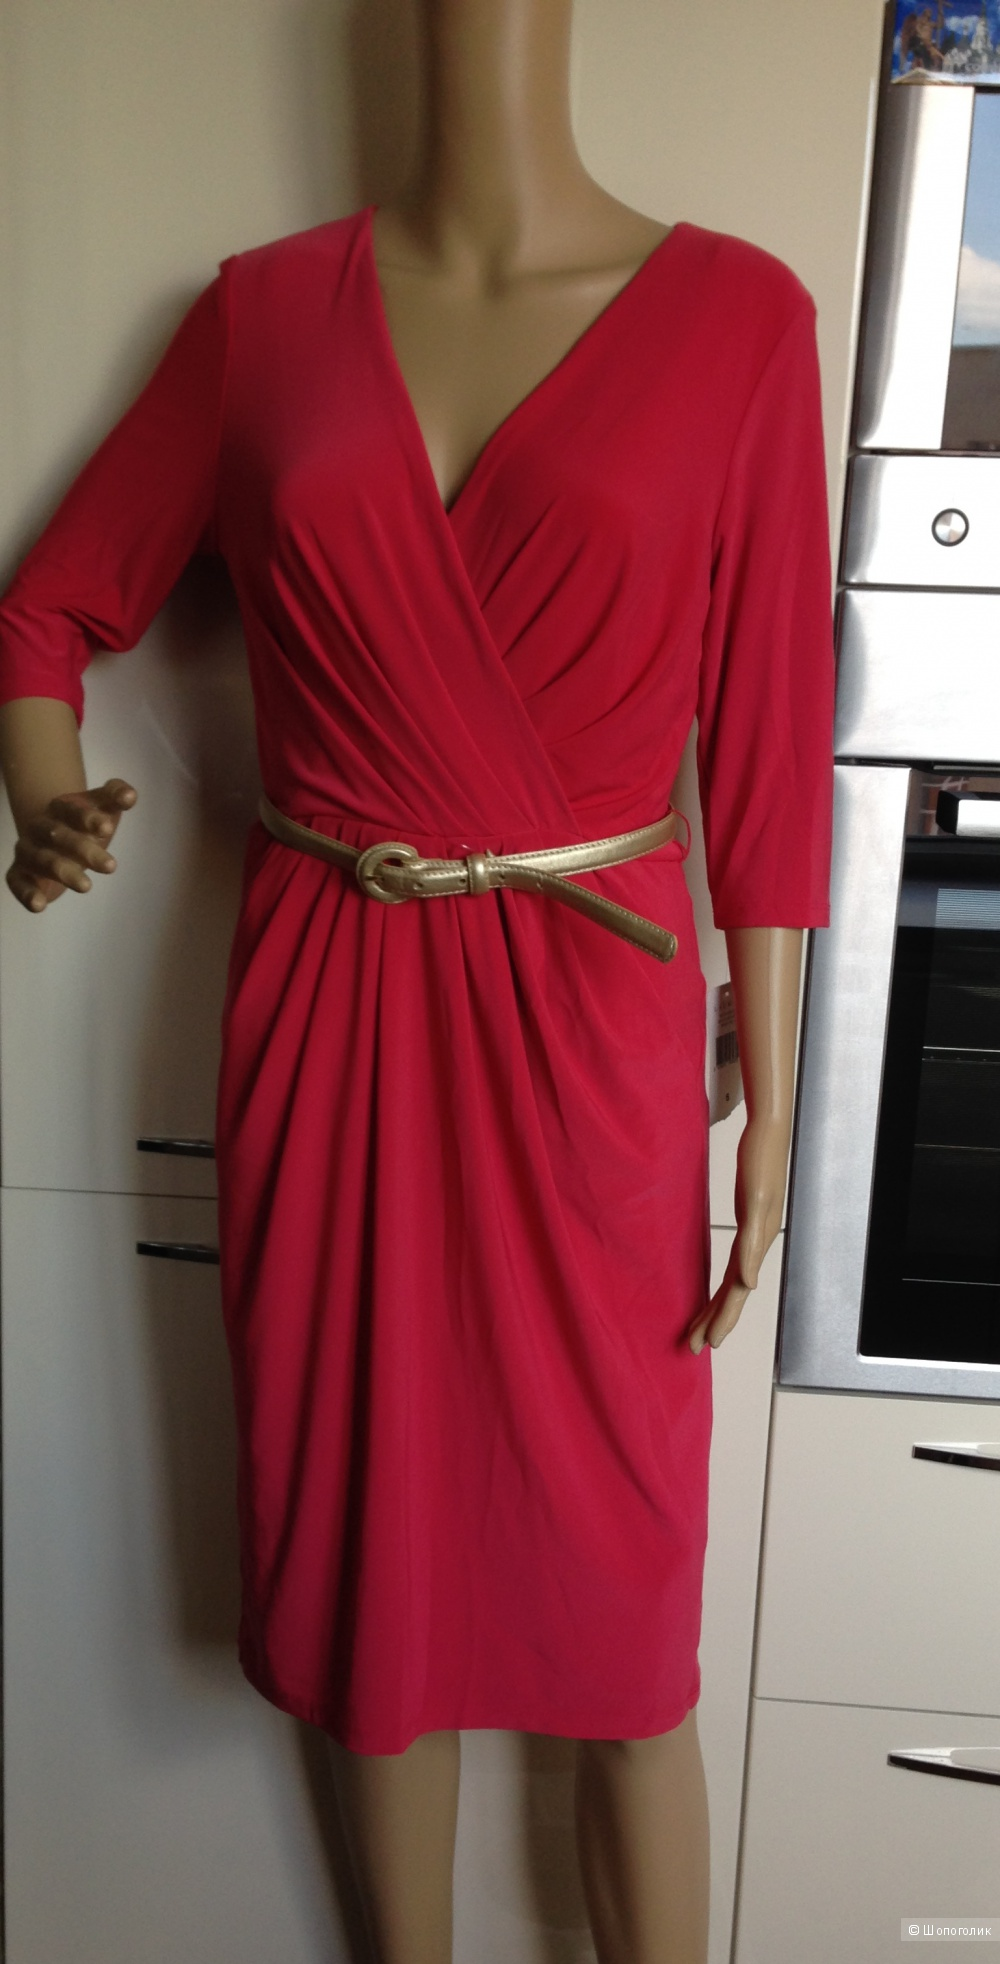 Красивое платье для офиса от Ralph Lauren Новое.Оригинал.р.44